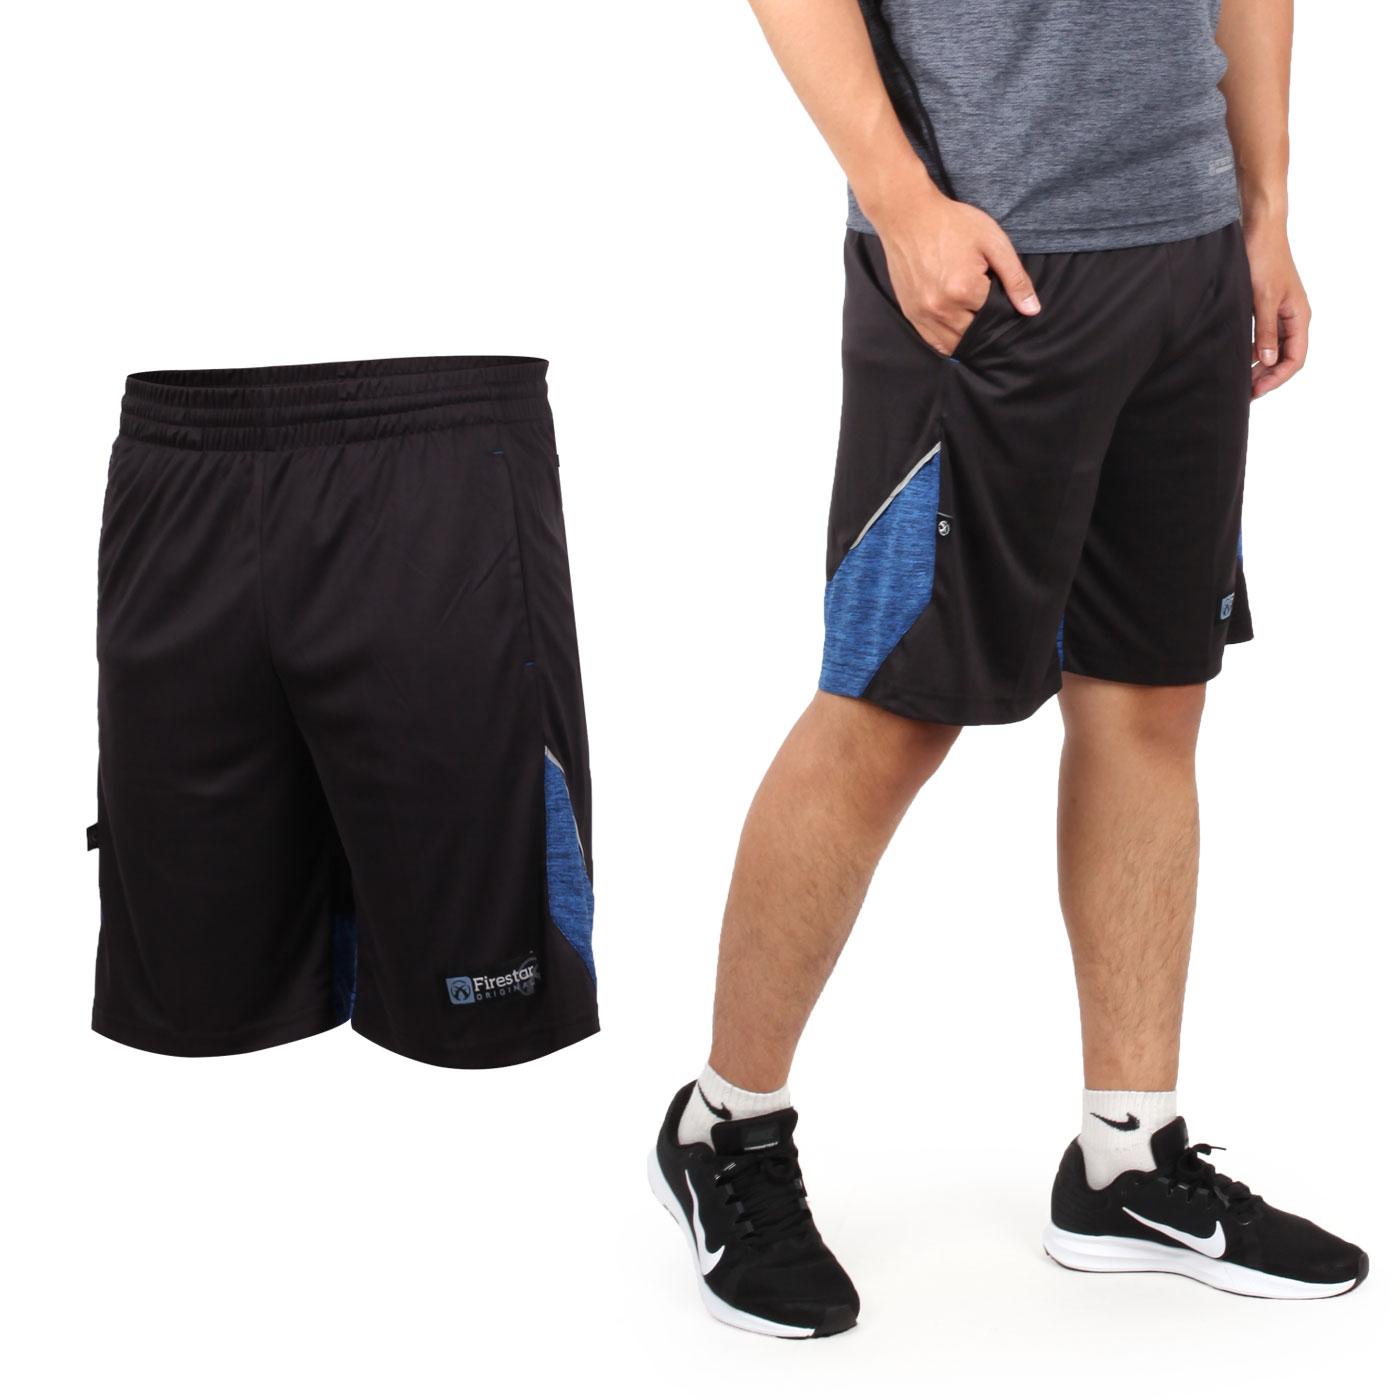 FIRESTAR 男針織籃球短褲 B8003-18 - 黑藍